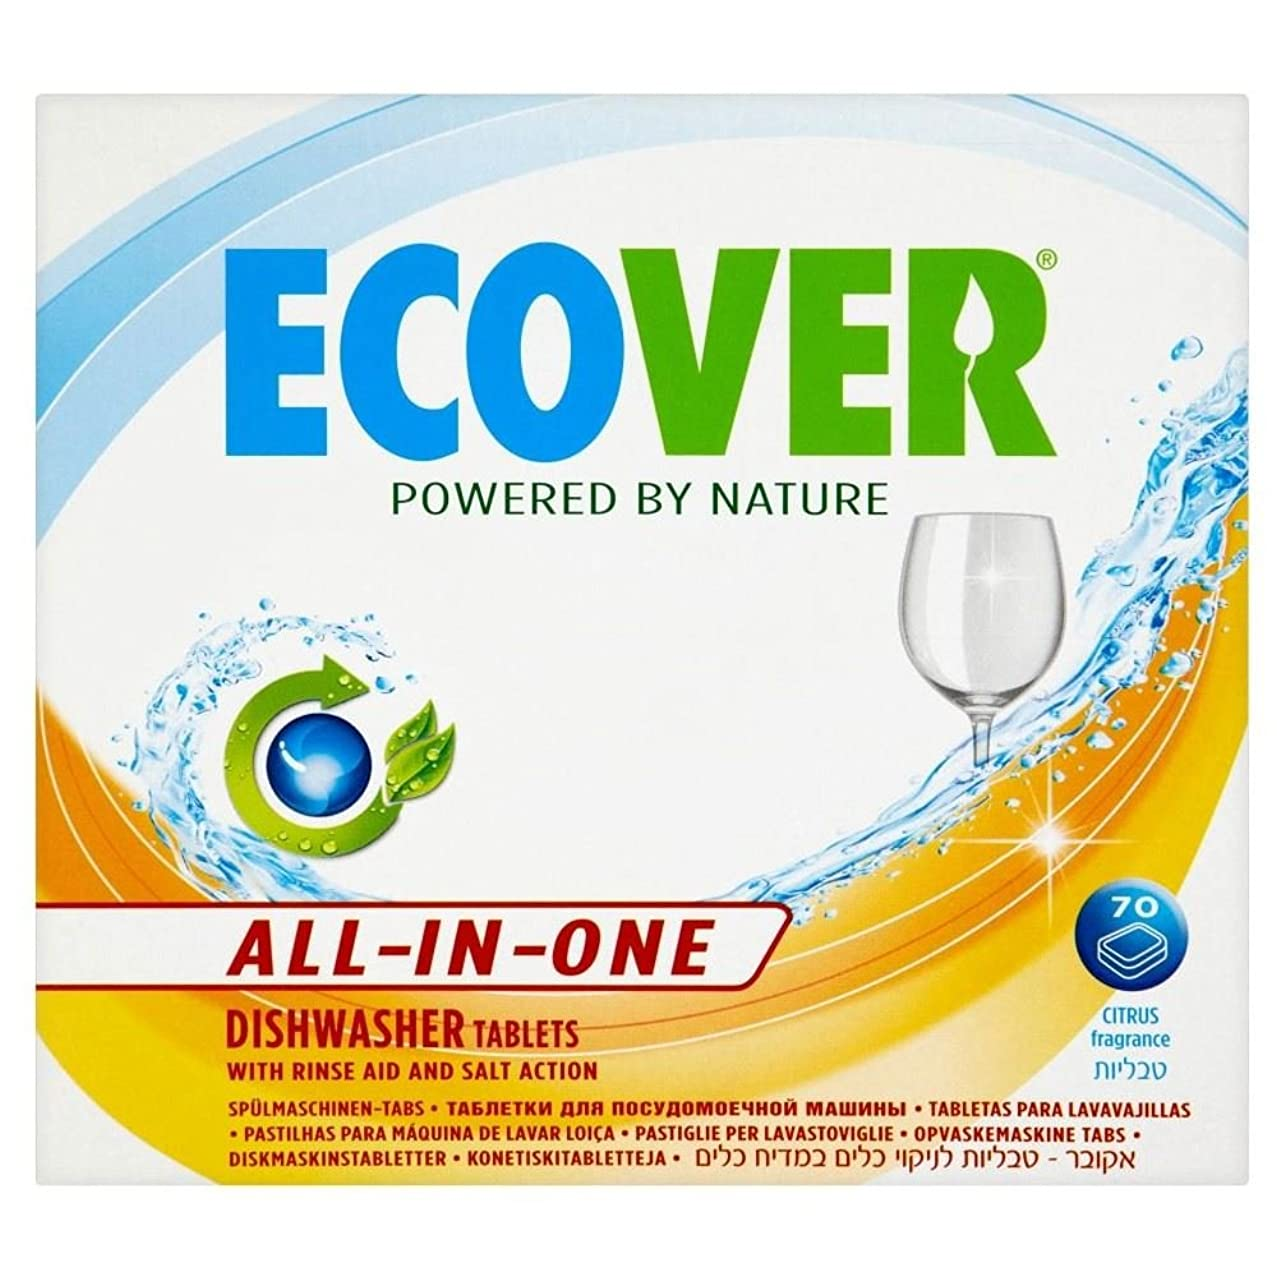 ウイルススローガン処理Ecover All-In-One Dishwasher Tablets (70 per pack) エコベールオールインワン食器洗い機錠剤(パックあたり70 )